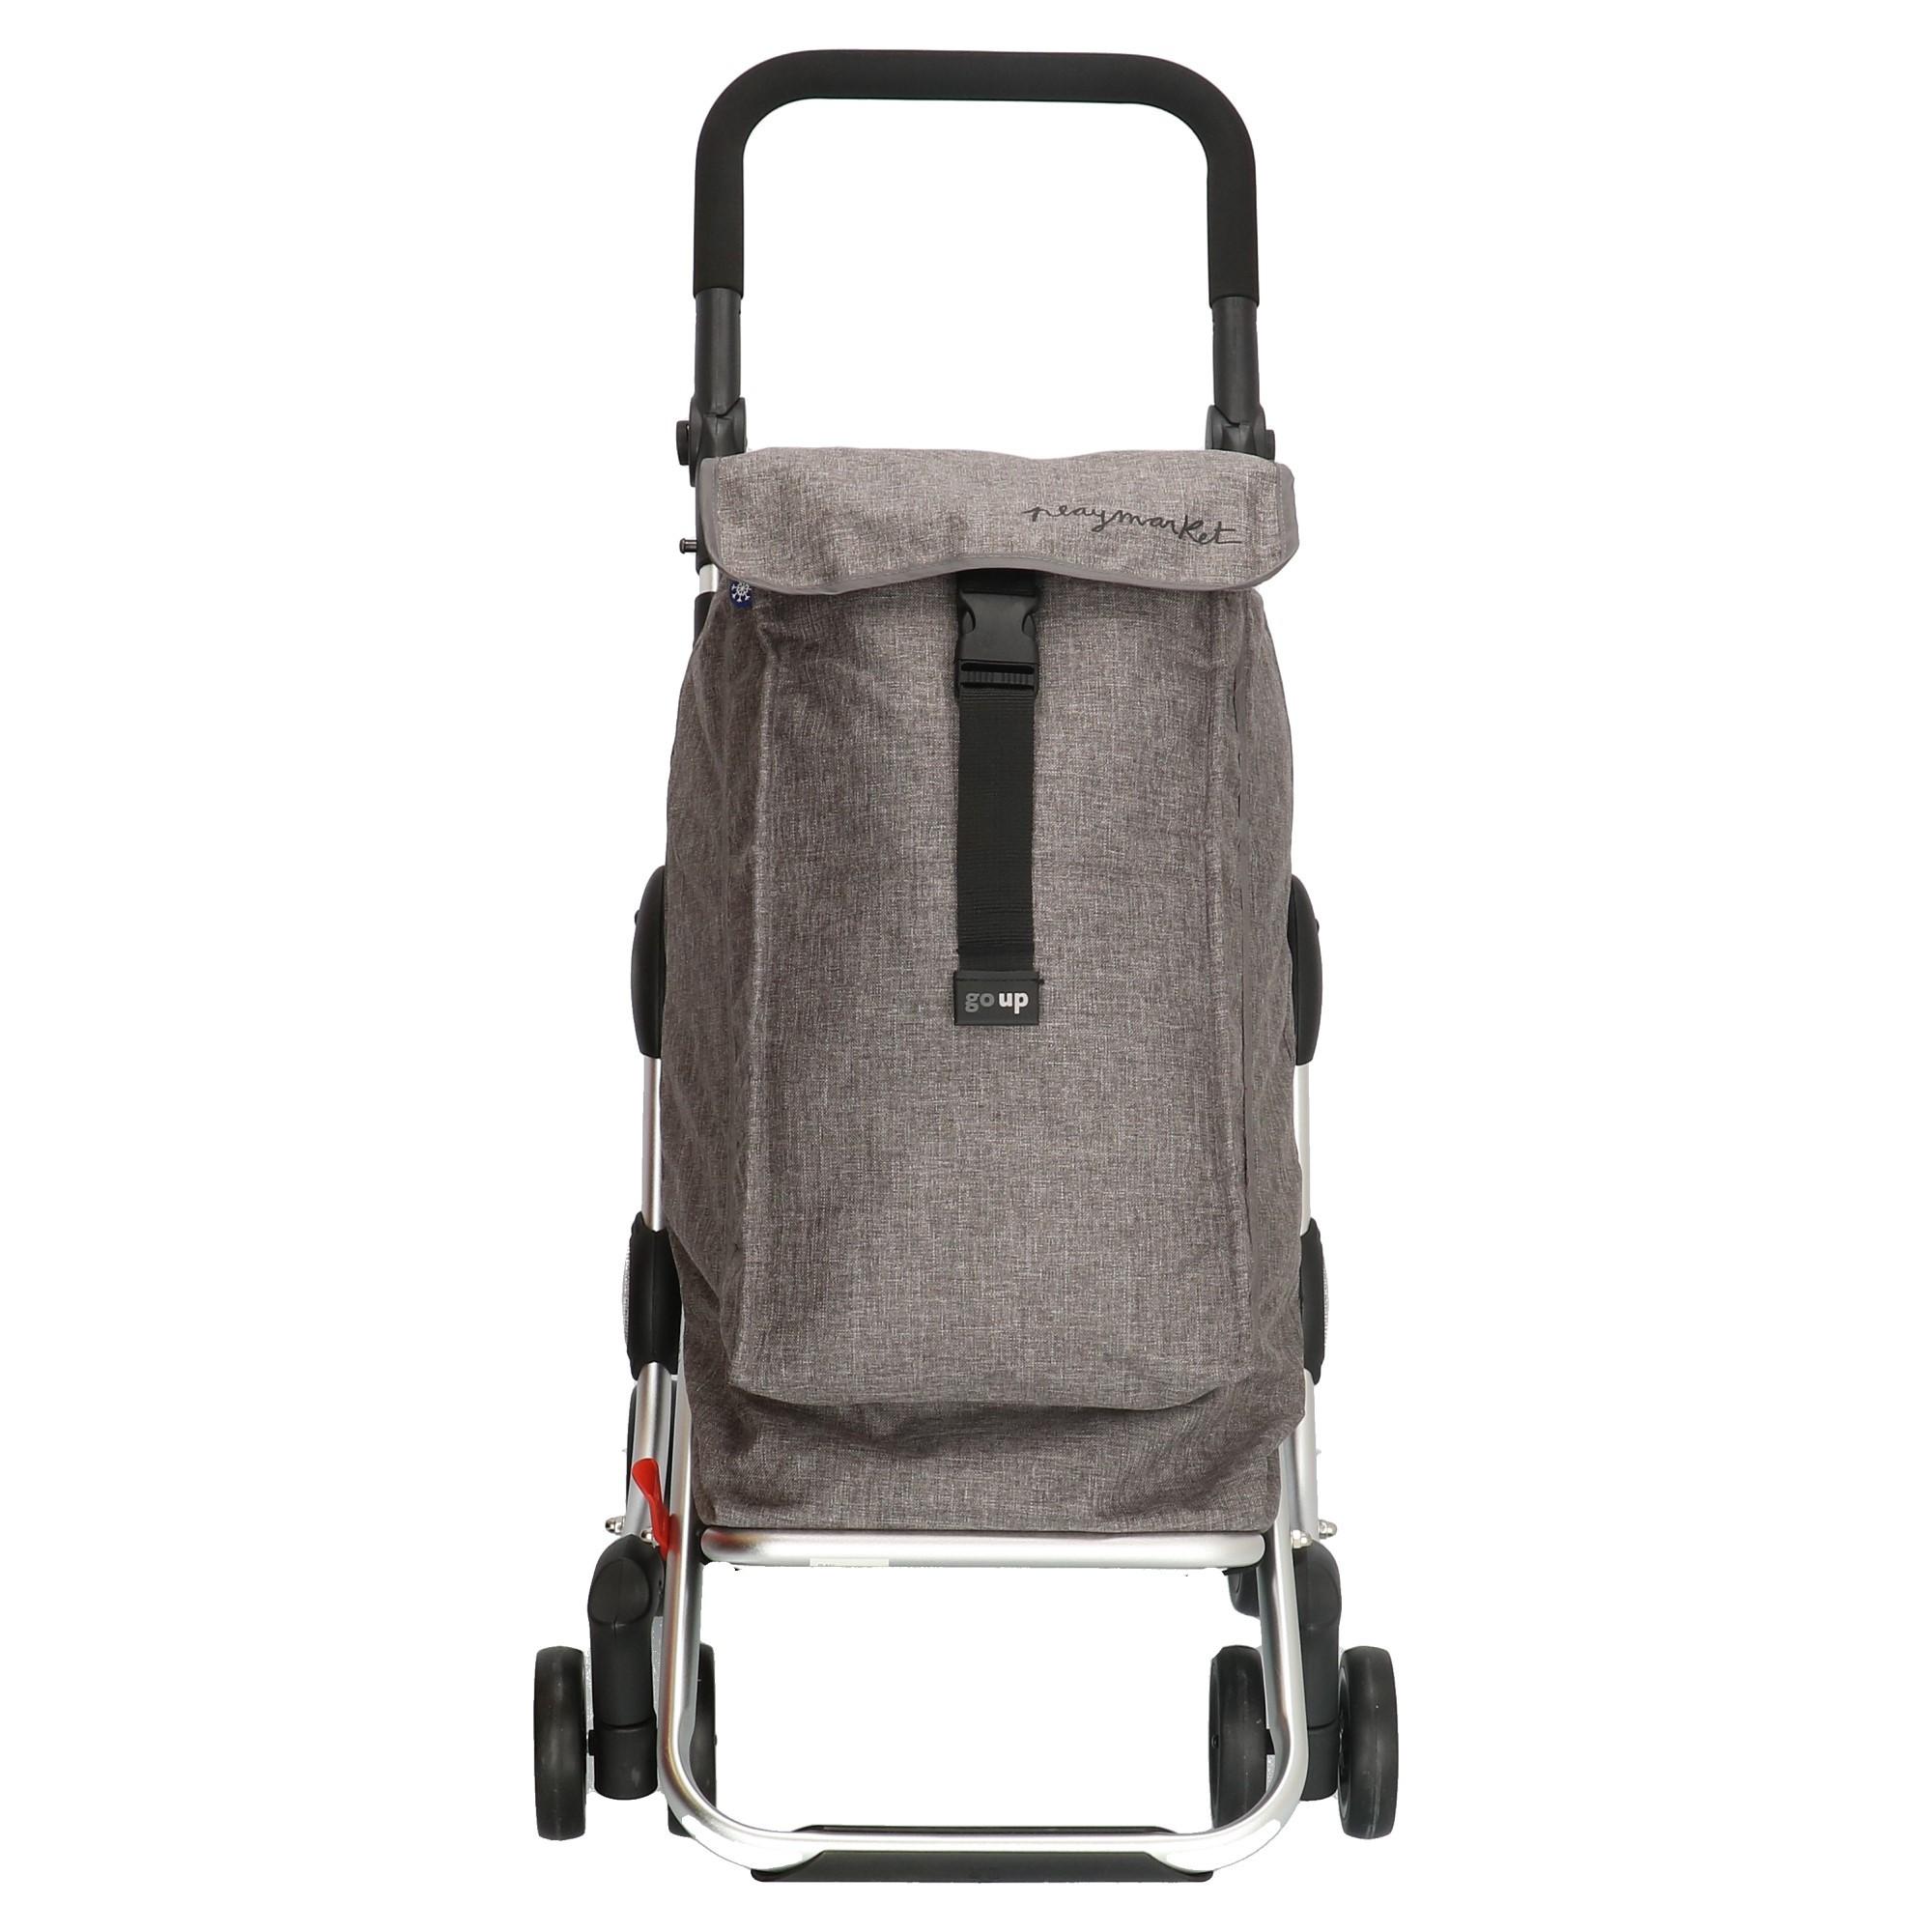 Playmarket Go Up Boodschappentrolley grijs